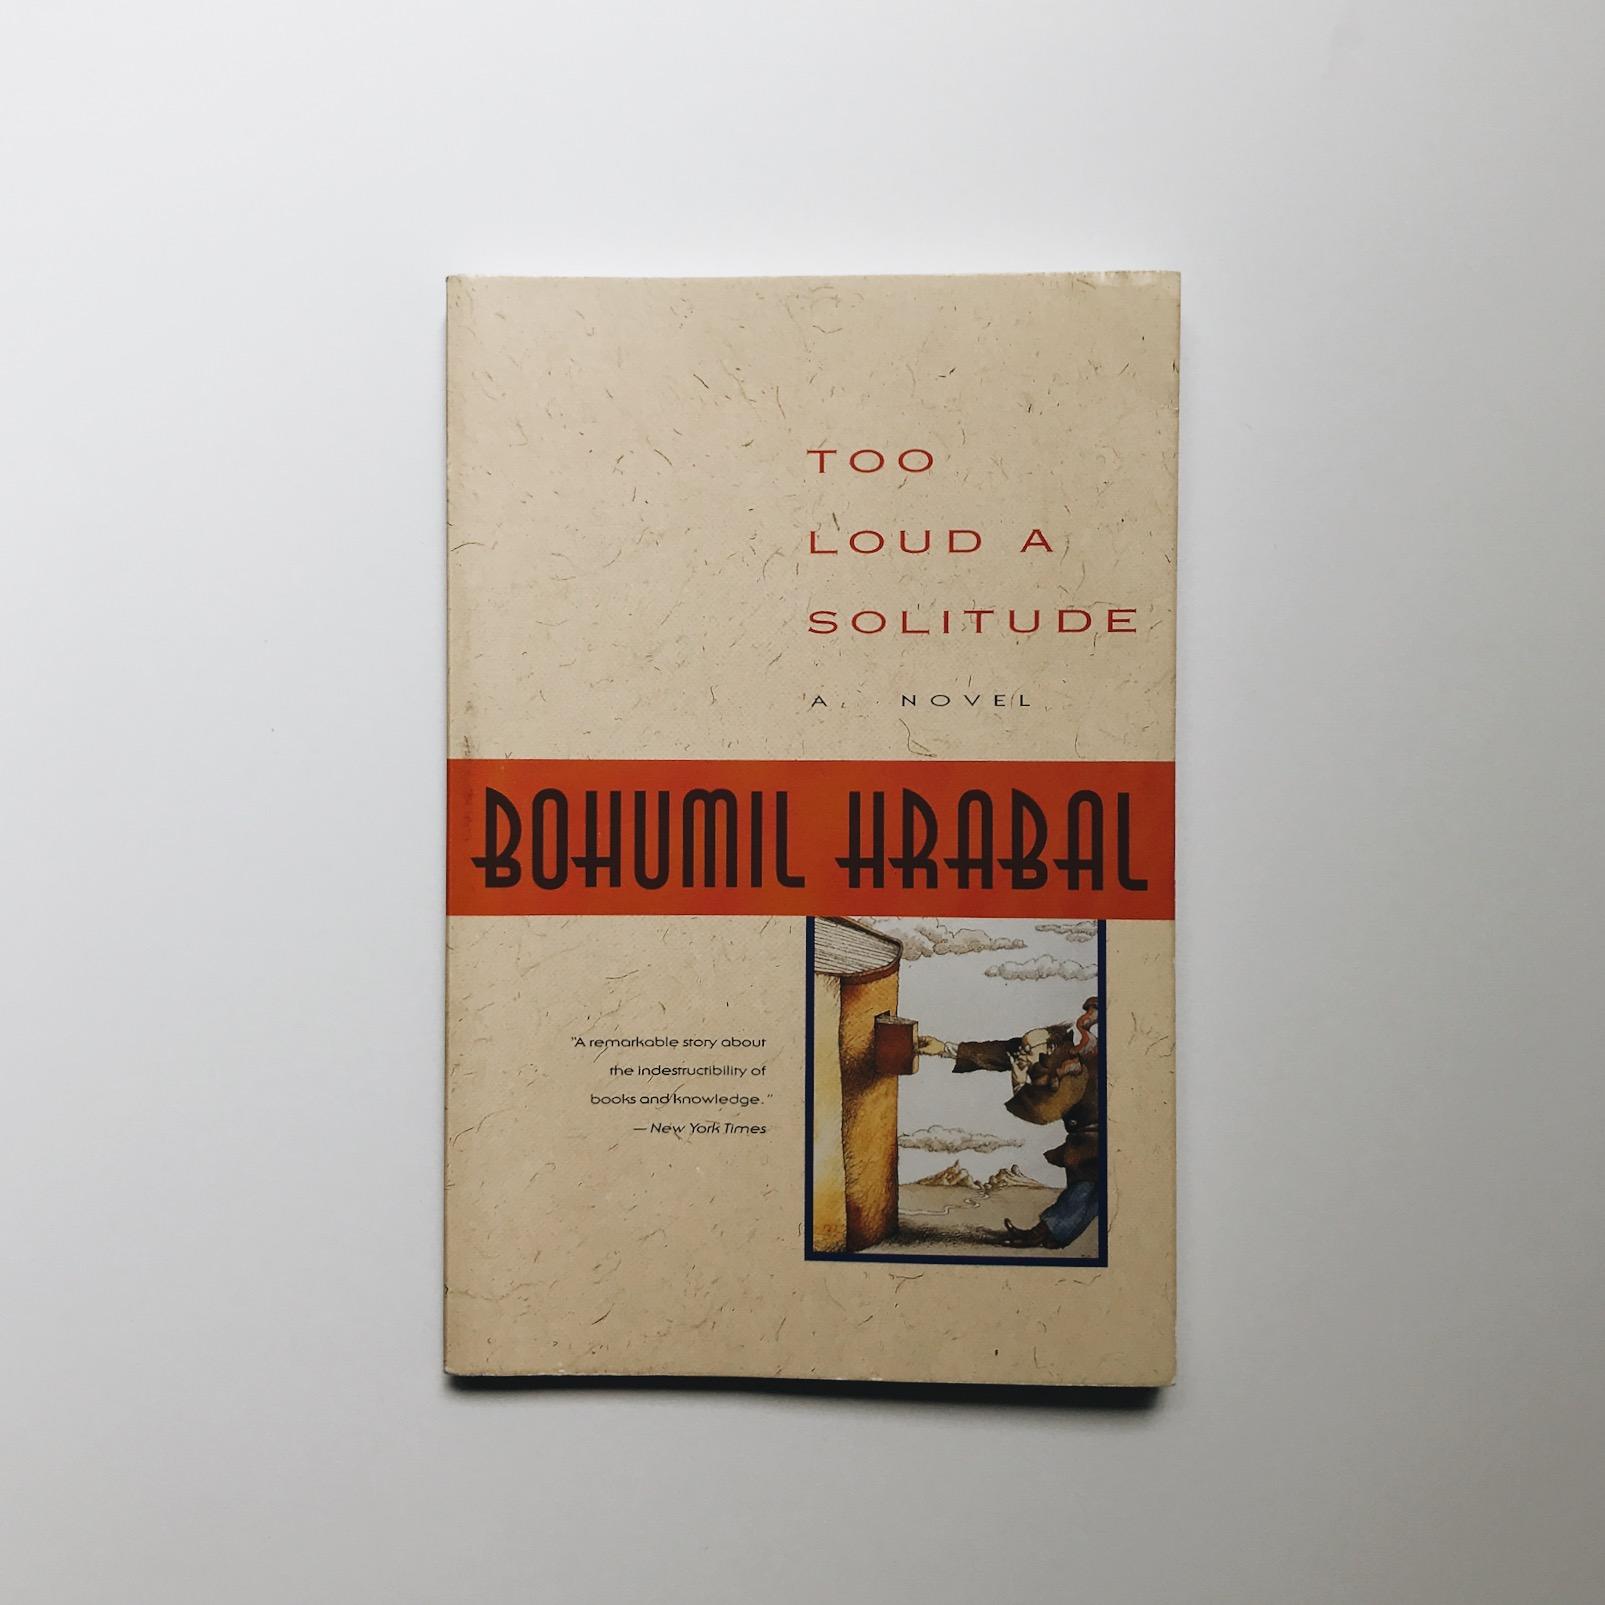 4 Too Loud a Solitude by Bohumil Hrabal.JPG